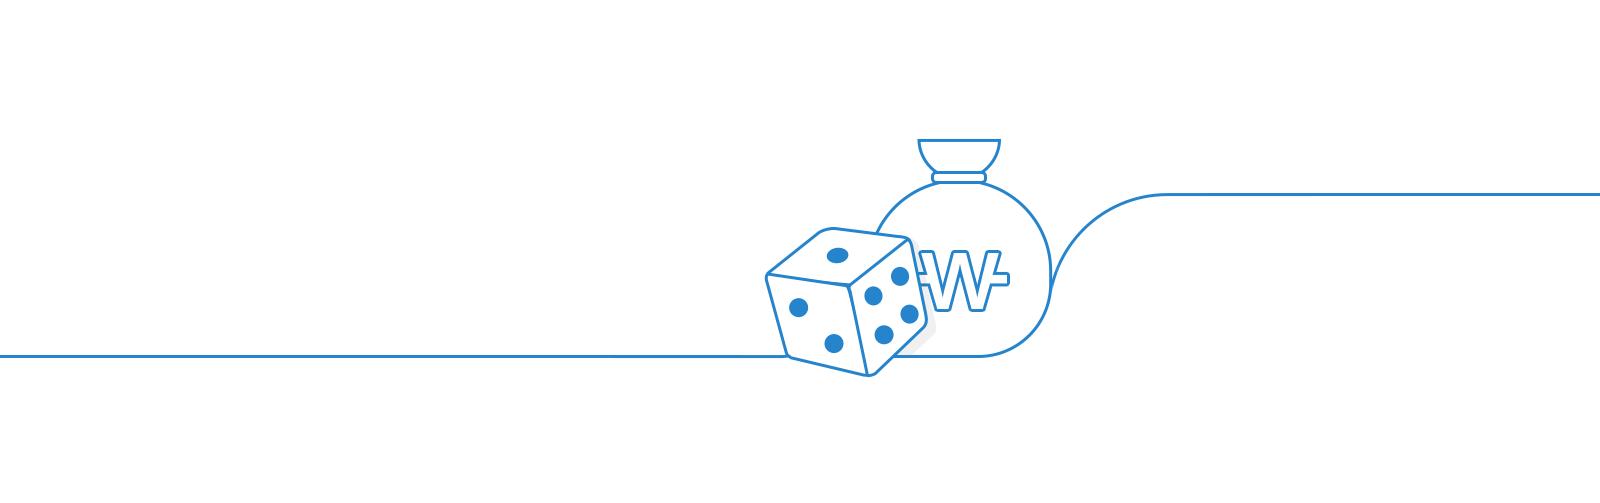 투자의 마블 나도 전설적인 투자자가 될 수 있다!